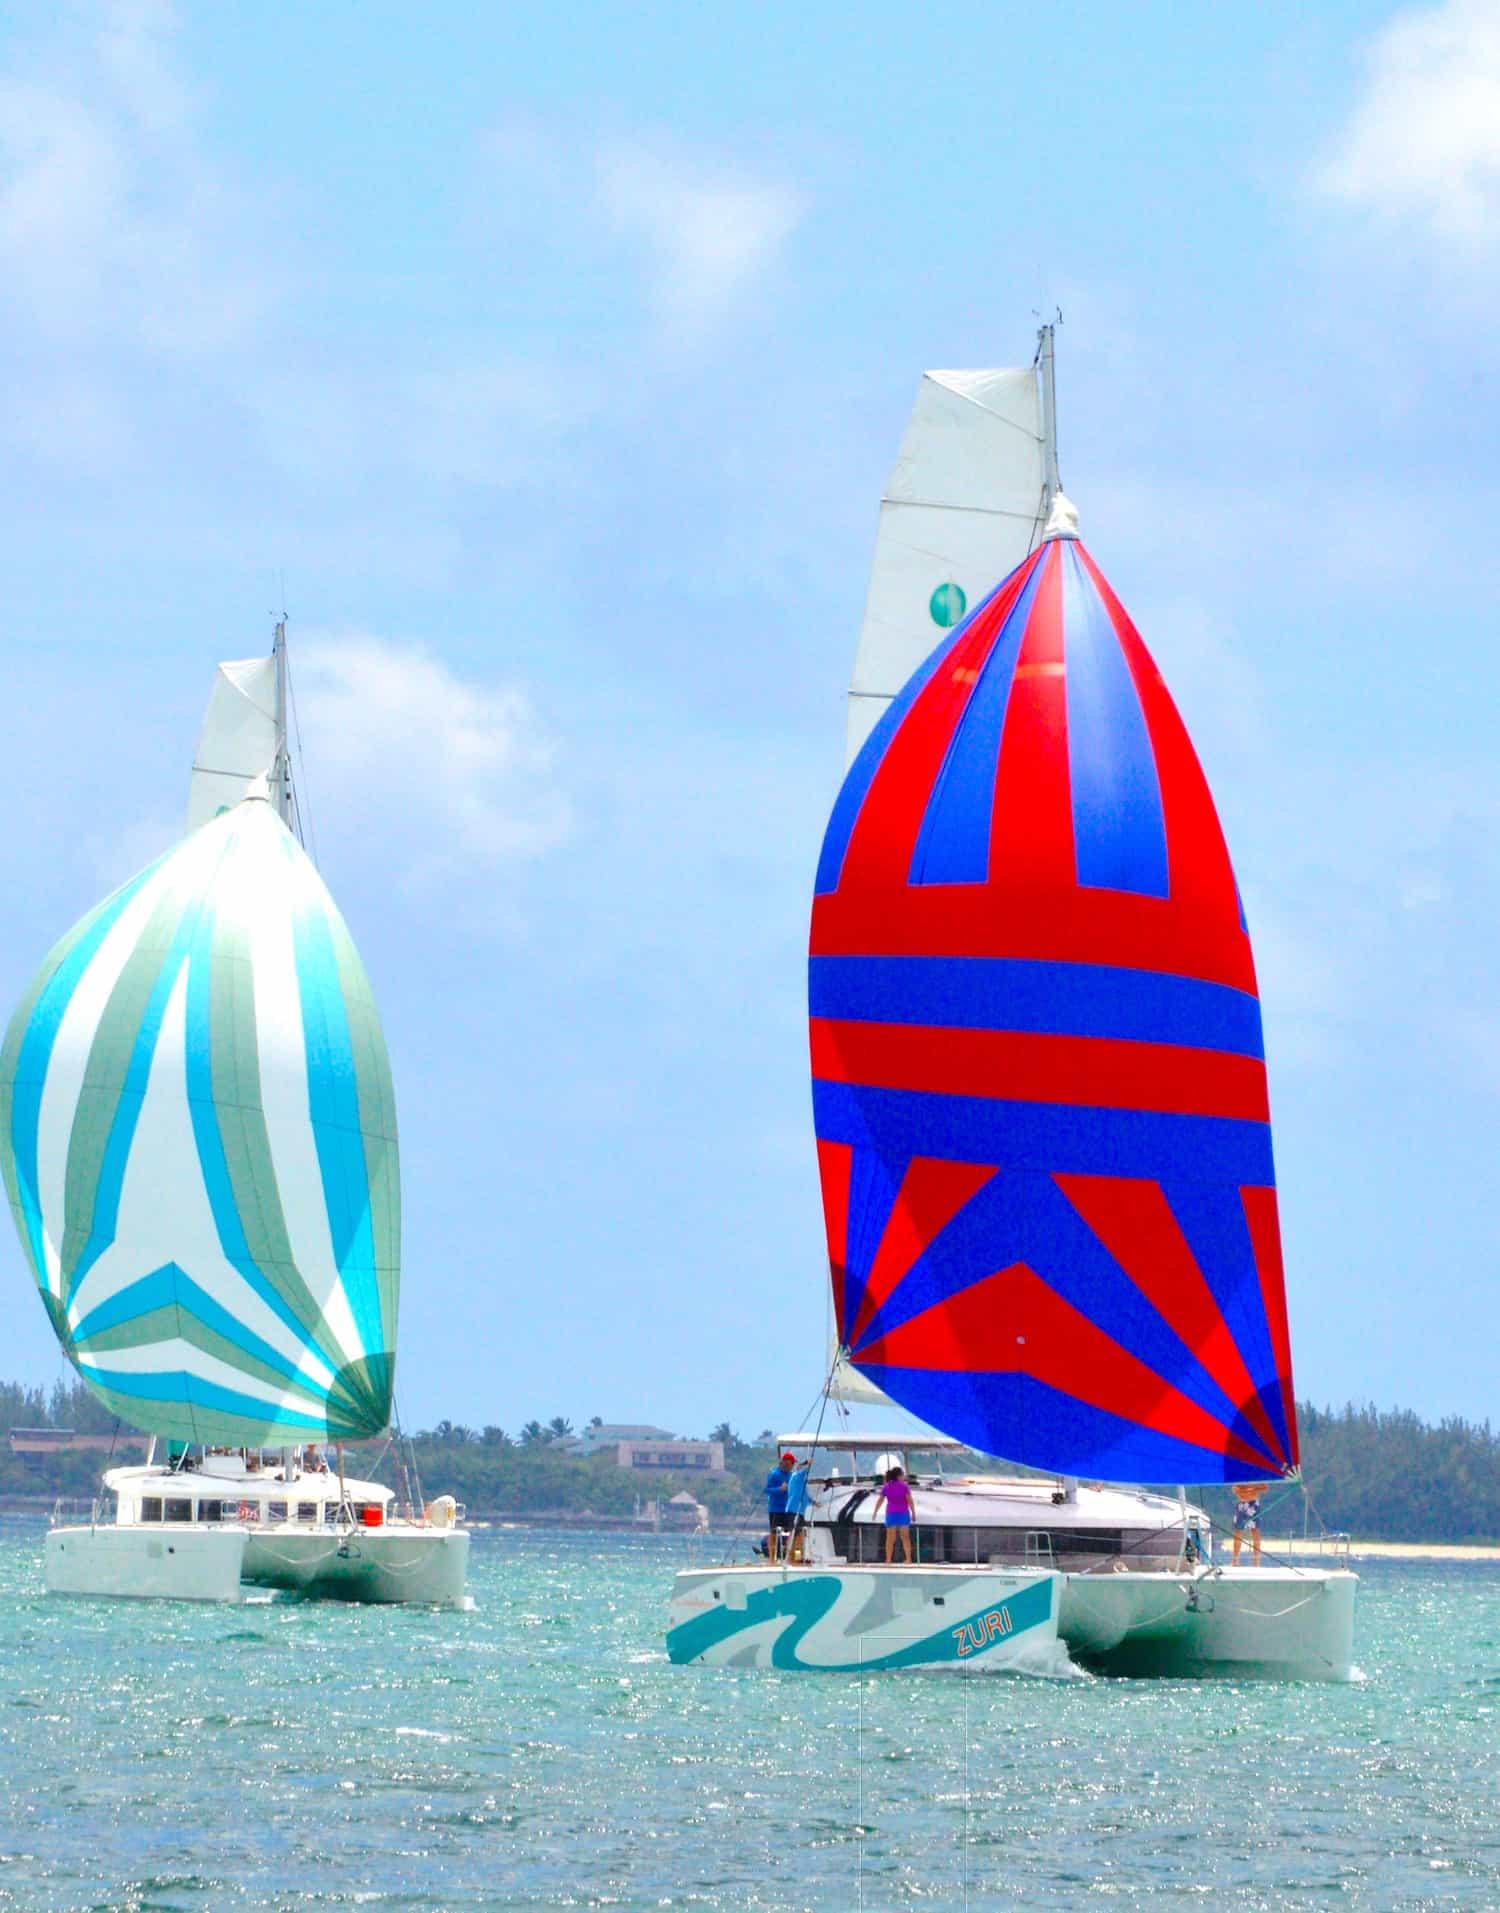 Lagoon 450 S names zuri sailing under spinnaker